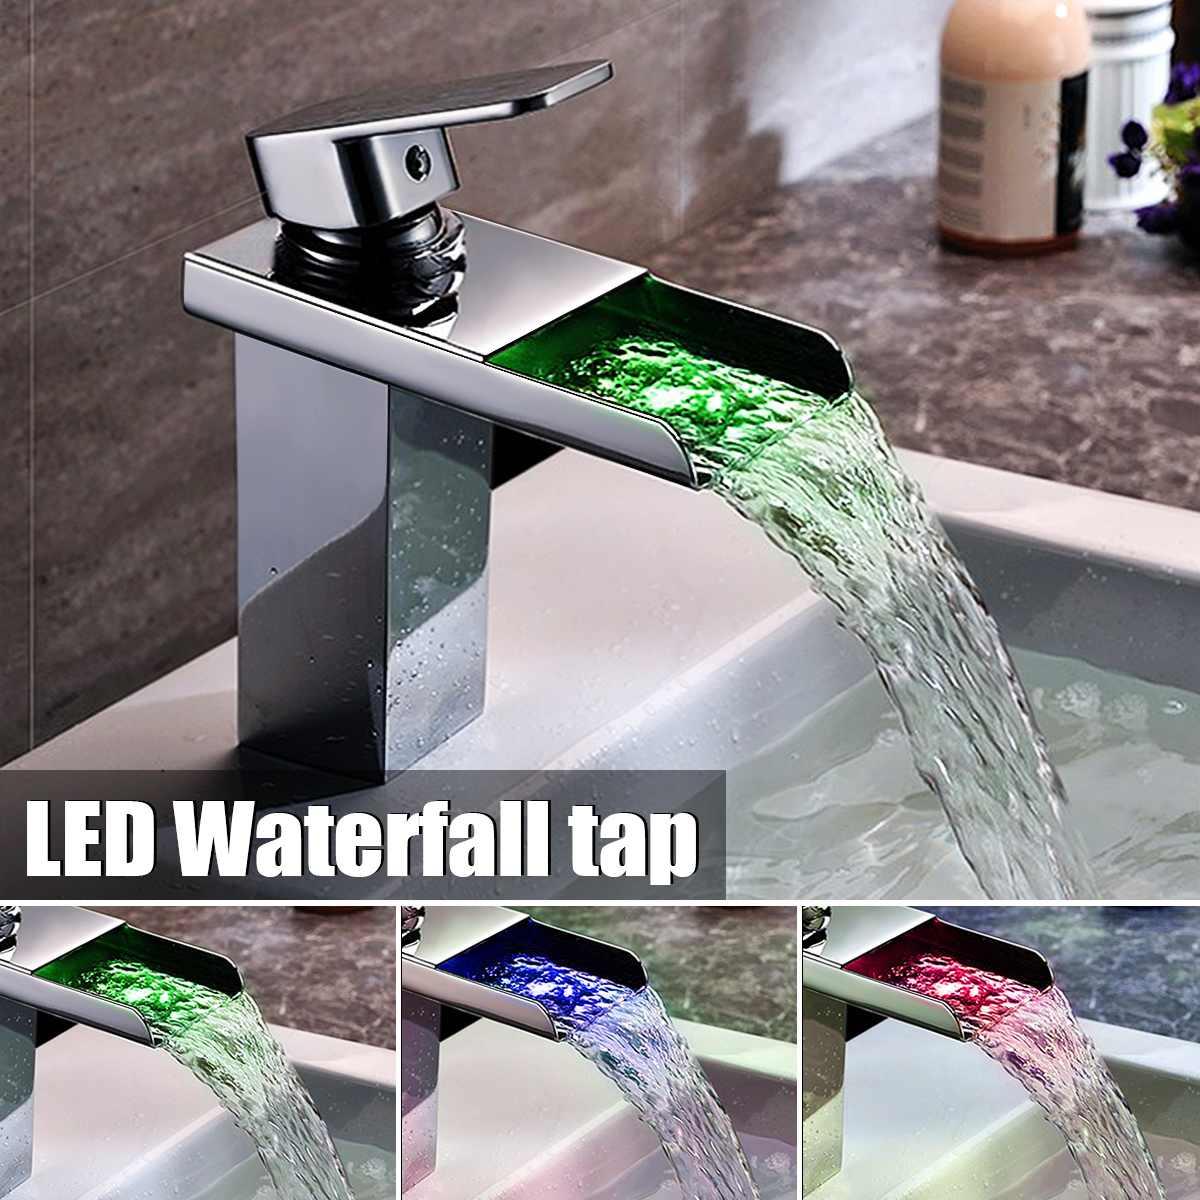 LED changement de couleur cascade bassin robinet Chrome poli mitigeur robinet salle de bain évier froid et chaud mitigeur